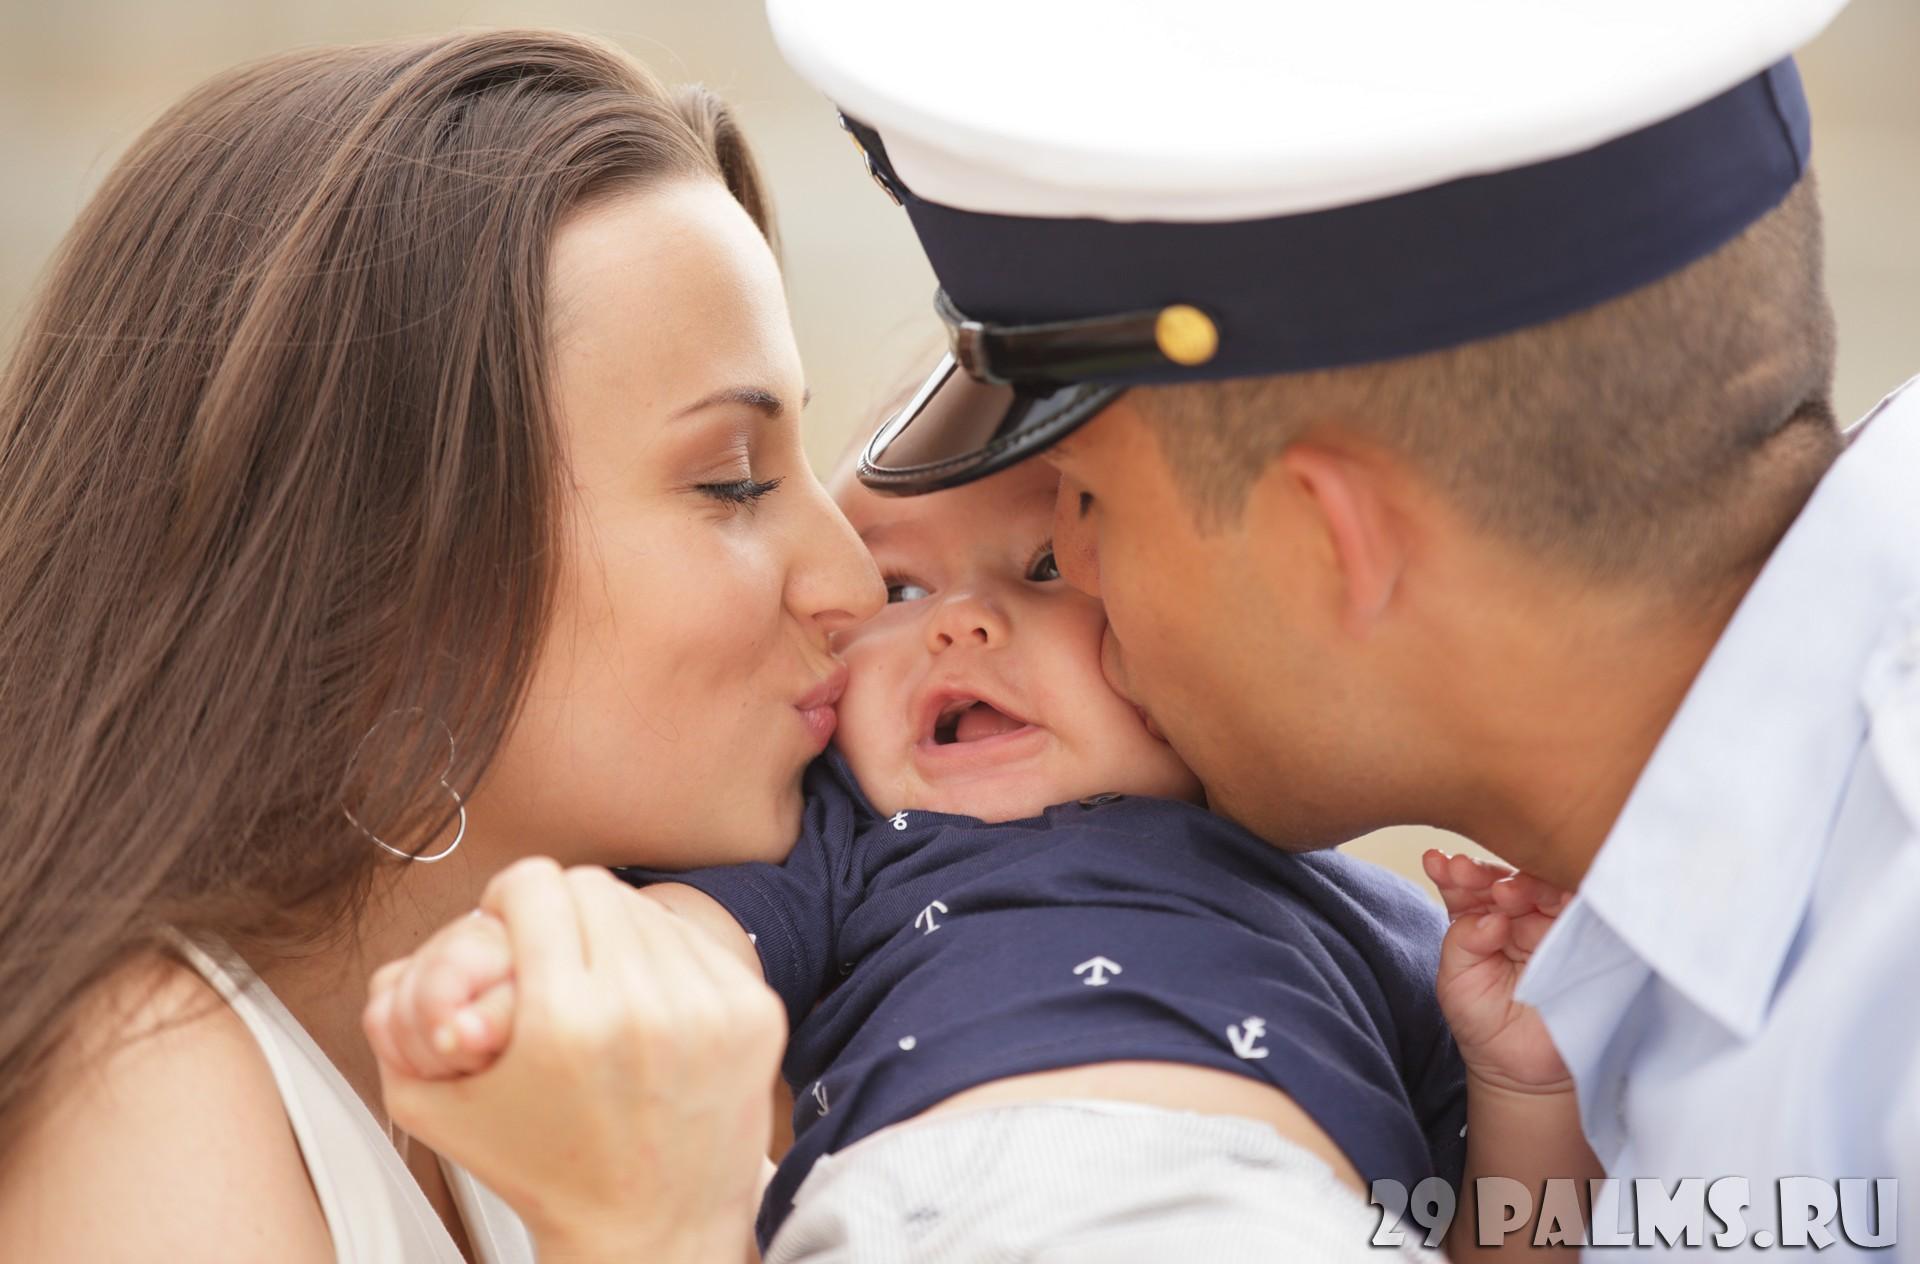 Дети целуются: картинки и фото дети целуются, скачать рисунок 74